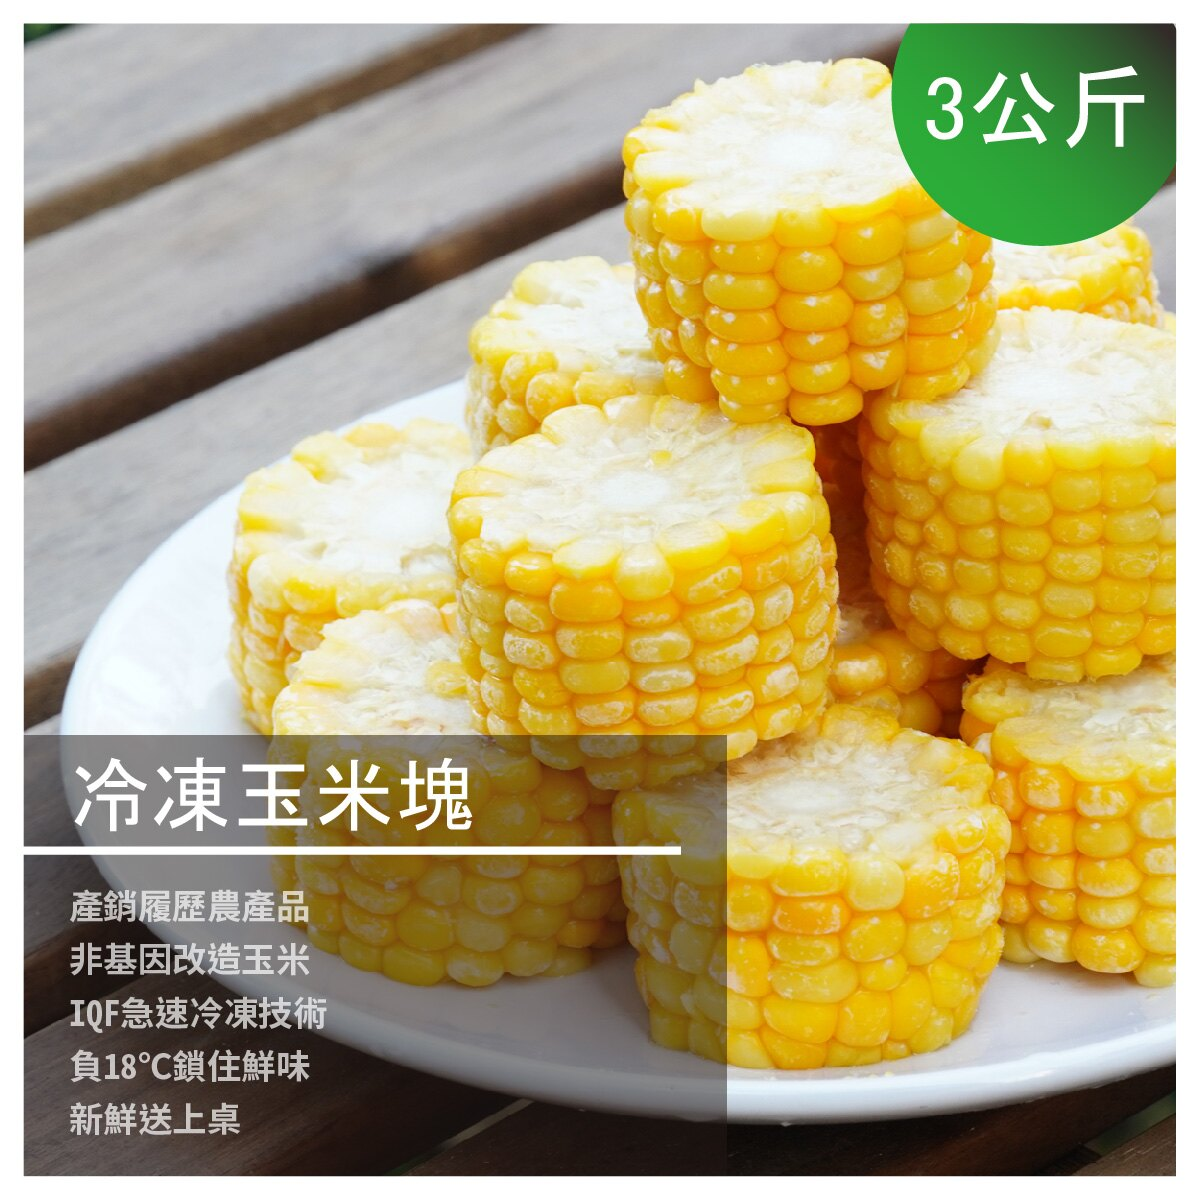 【御米粒】冷凍玉米塊/包 3公斤裝